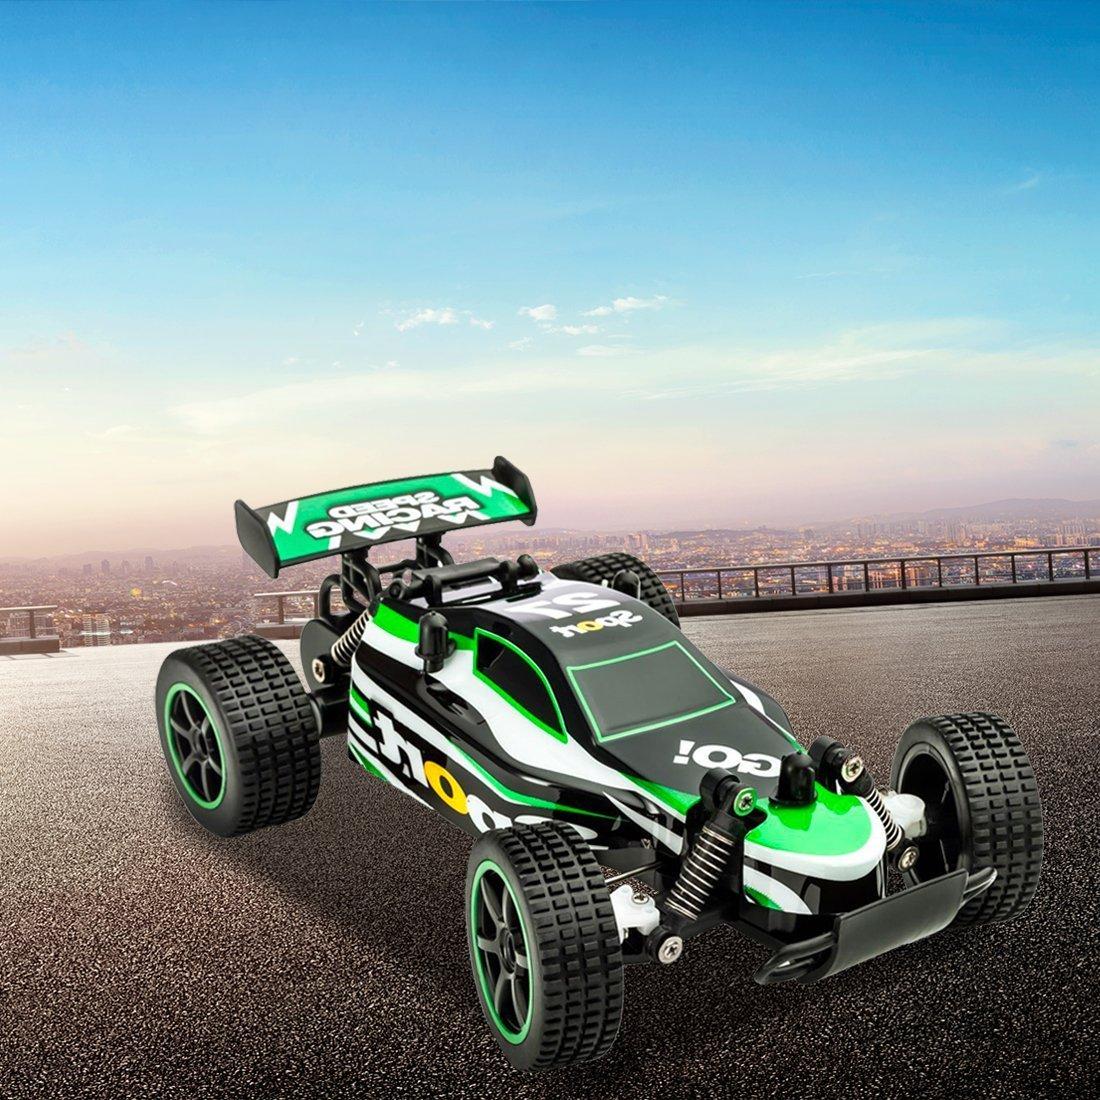 FSTgo/® RC Auto High Speed Gel/ändewagen Drift Crawler Truck 2,4 GHz 2 WD 1 Rot 20 Fernbedienung Racing Cars elektrische Schnell Race Buggy Hobby Auto